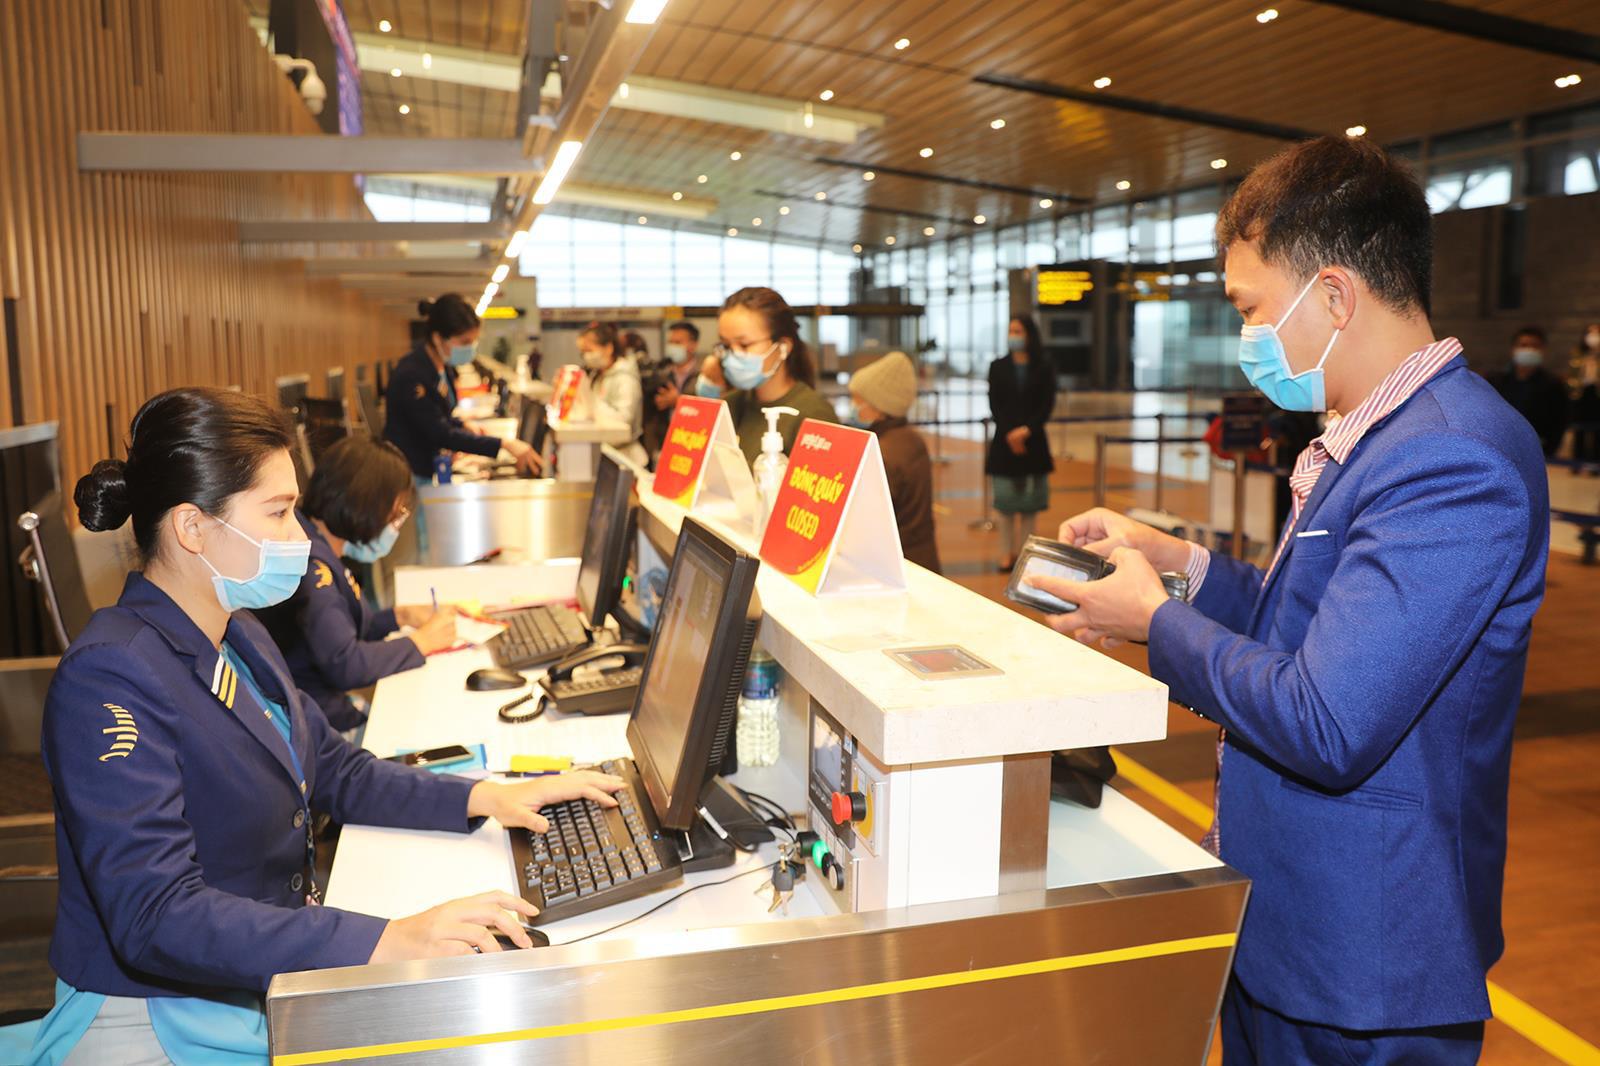 Sân bay Vân Đồn chính thức hoạt động trở lại sau hơn 1 tháng đóng cửa - Ảnh 5.